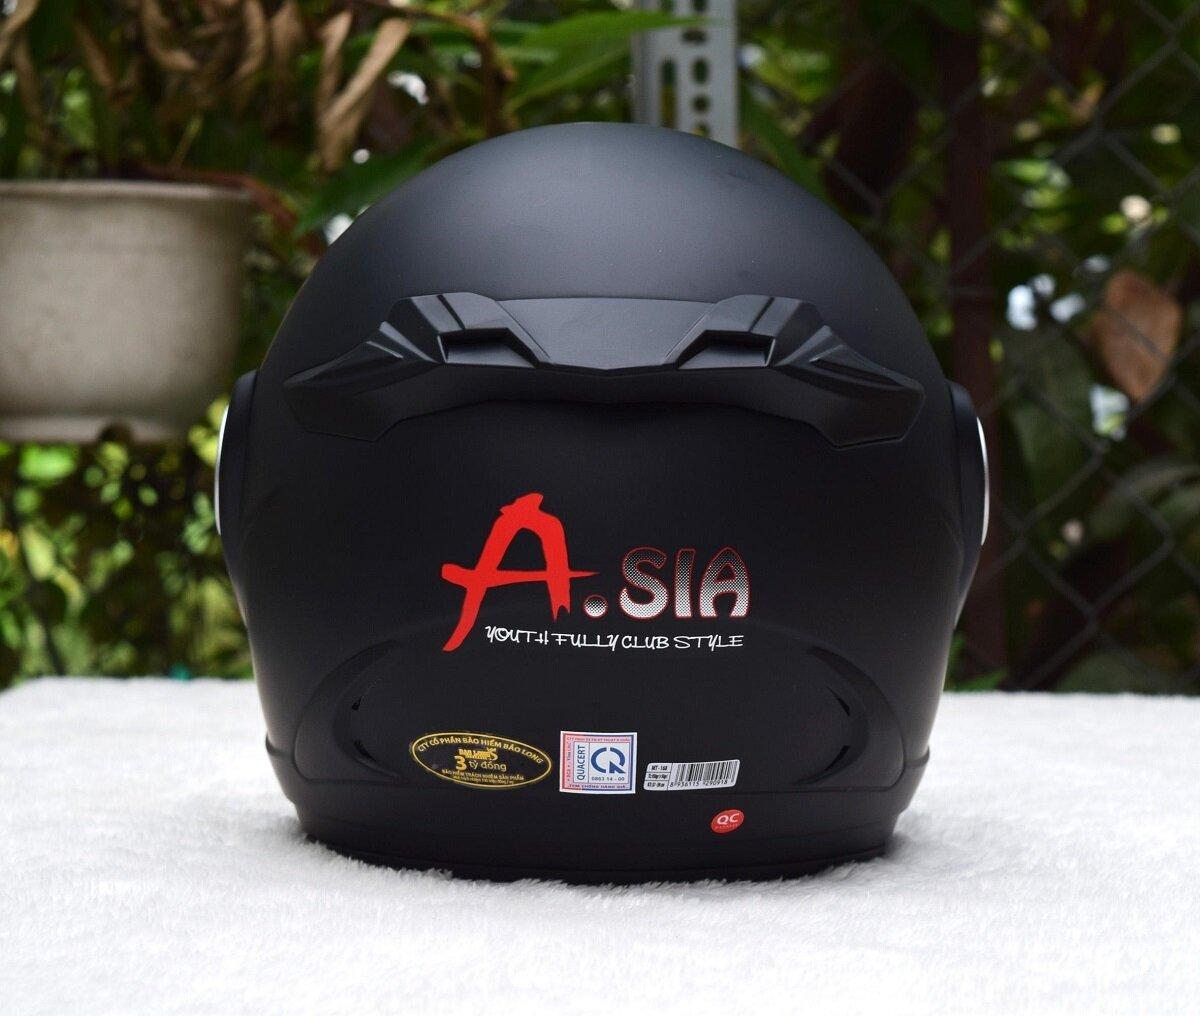 Mũ bảo hiểm Asia có tốt không lại được khách hàng ưa chuộng như vây?